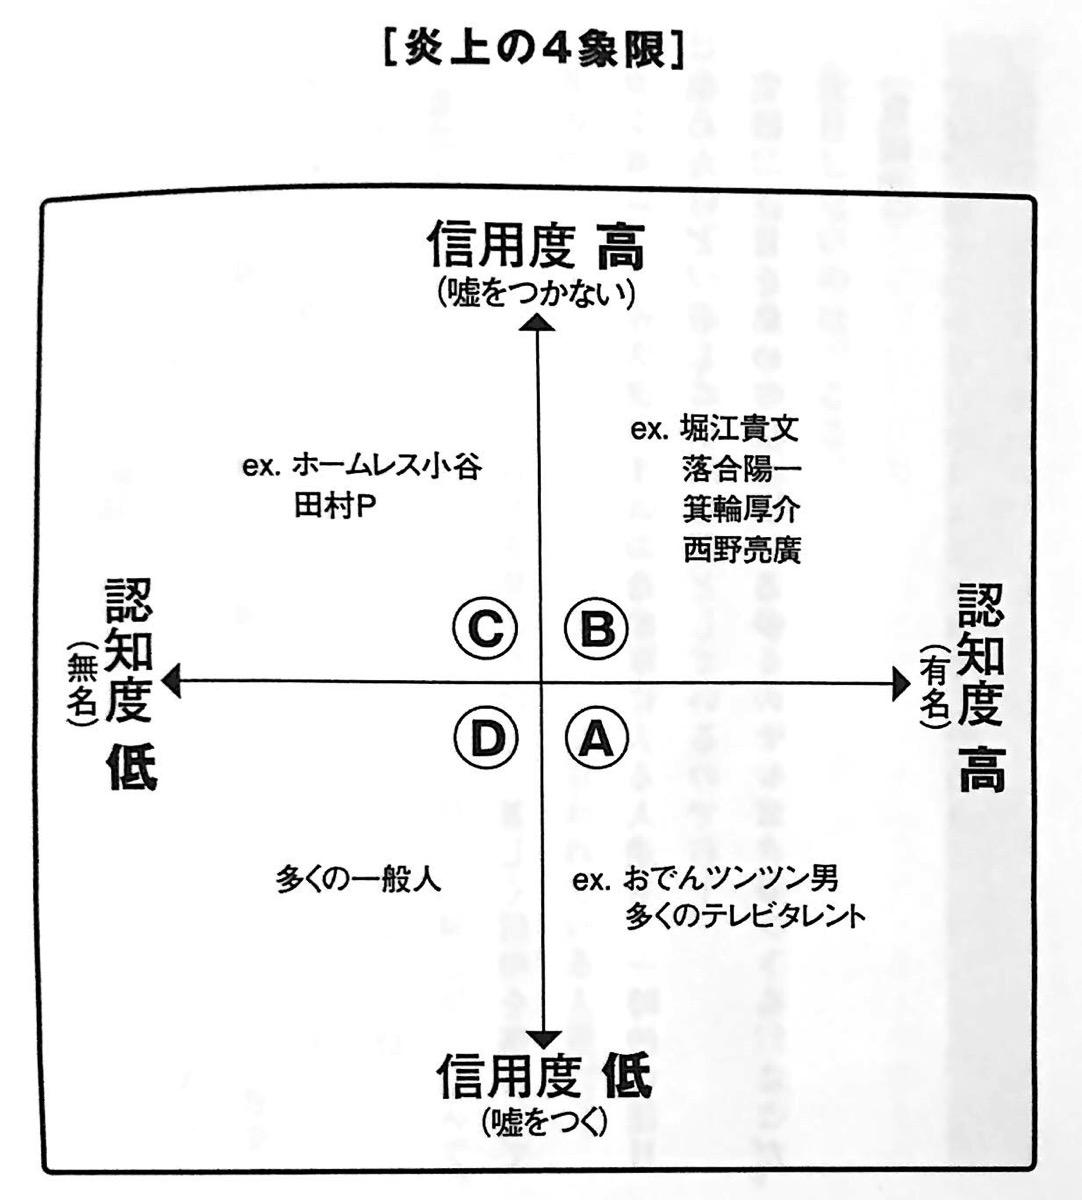 図1 炎上の4象限 新世界 第1章 jpg